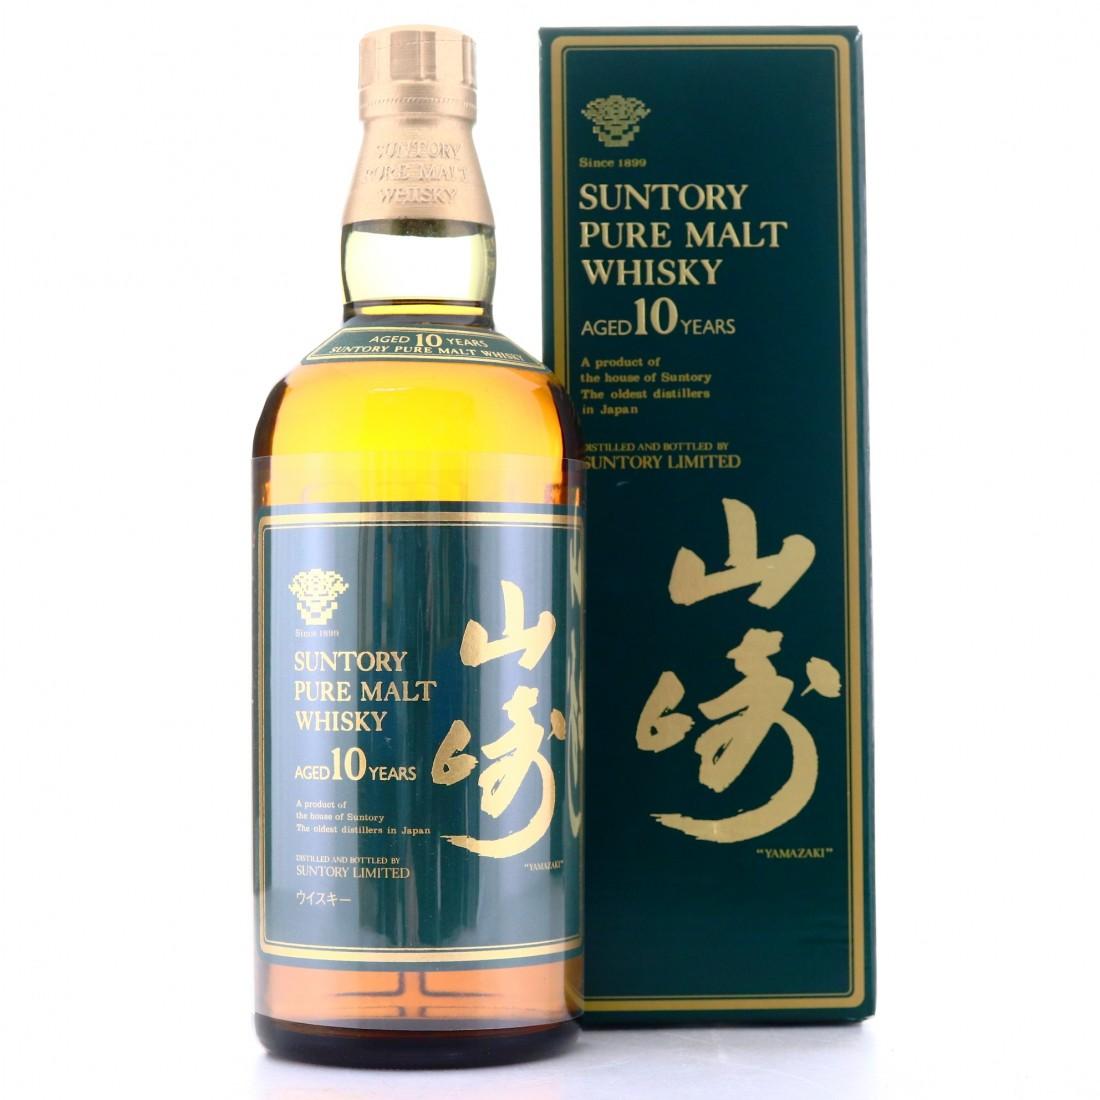 Yamazaki Suntory Pure Malt 10 Year Old 75cl